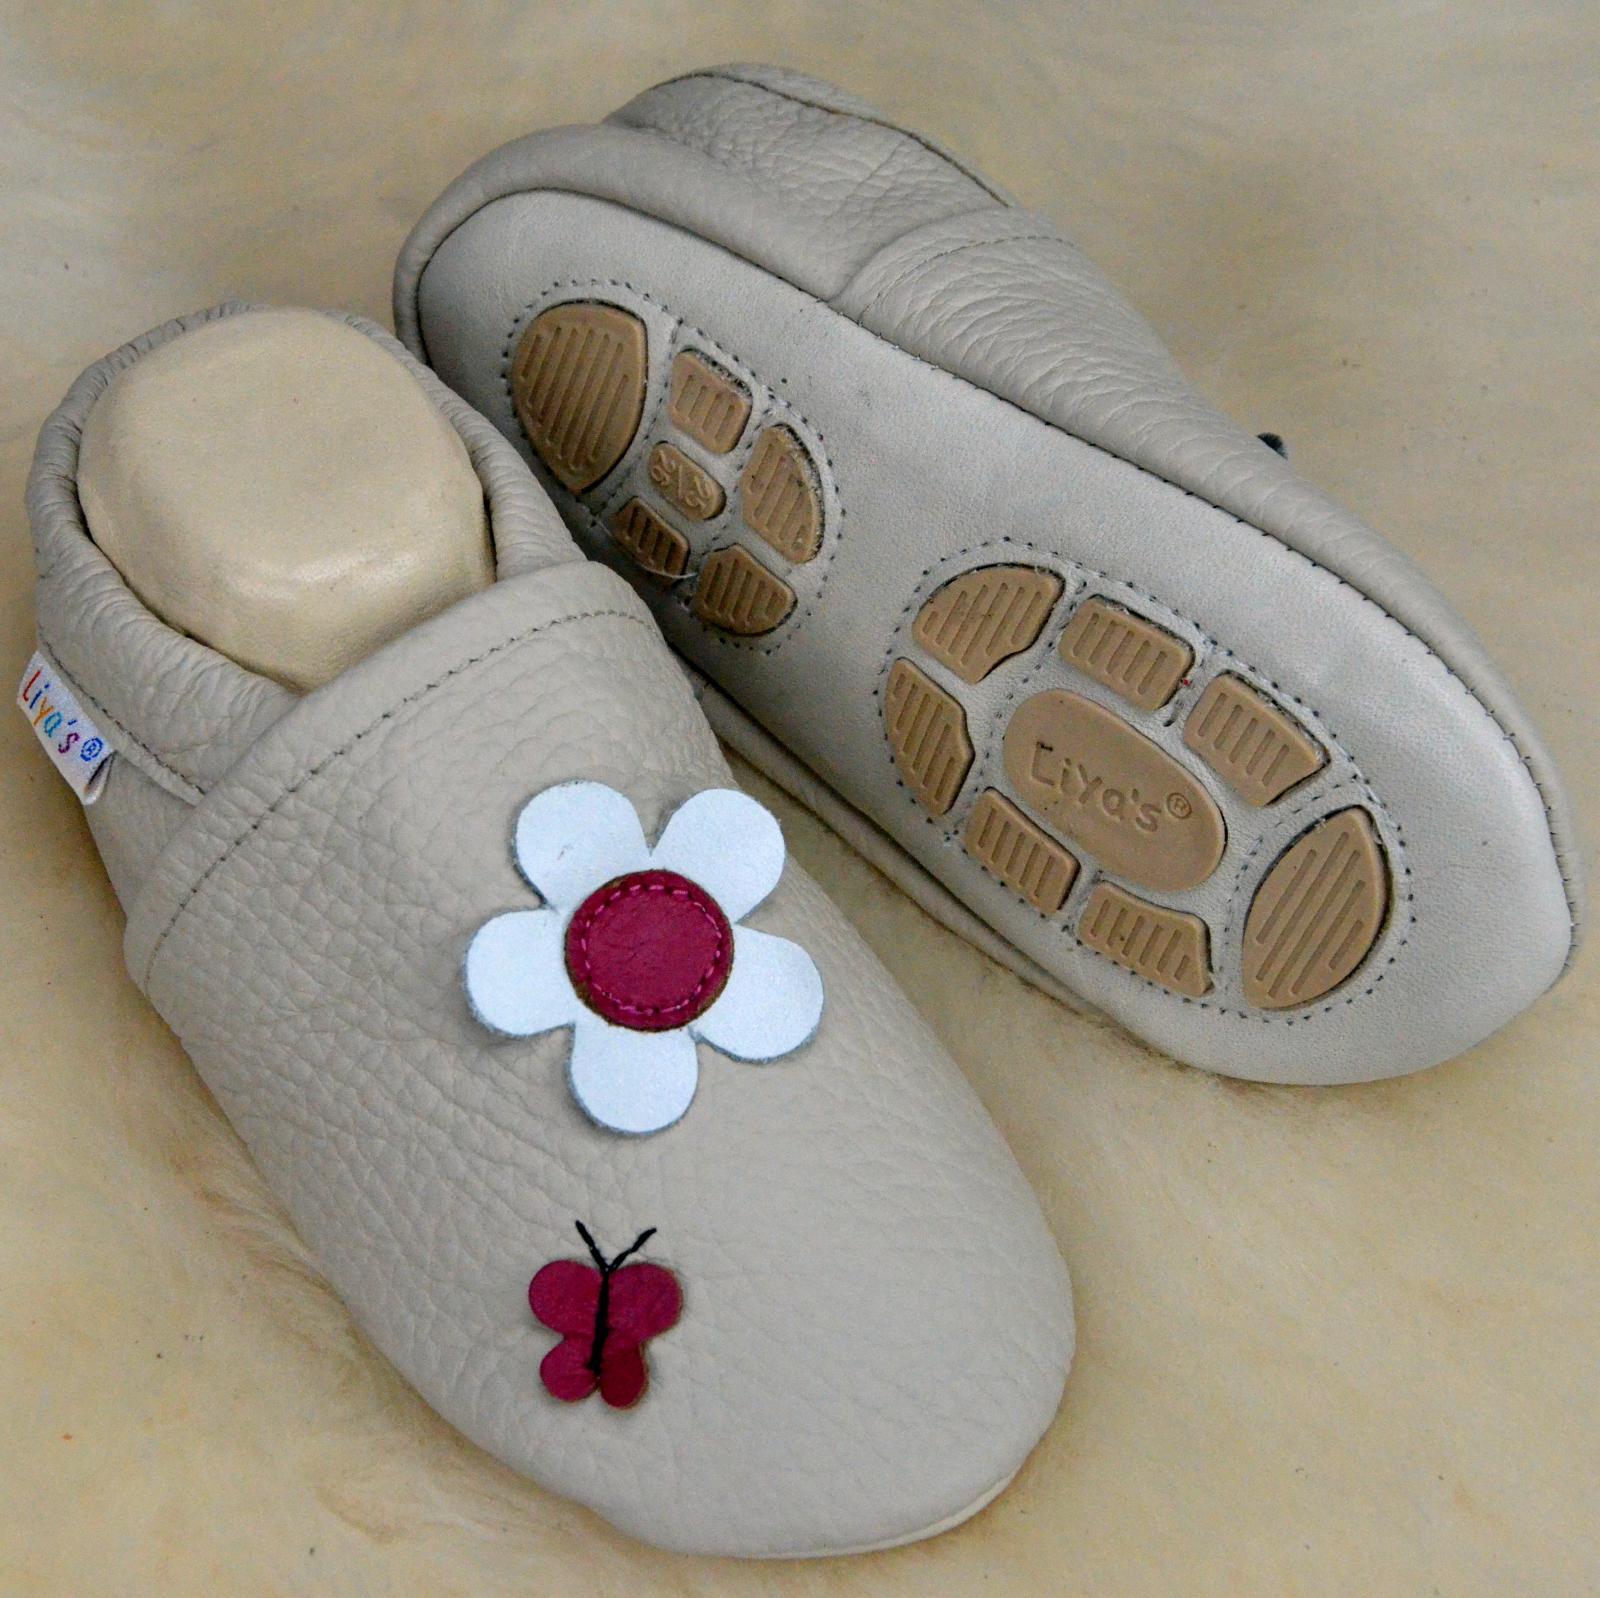 new styles b5d3c 4a640 Details zu Liya's Hausschuhe Lederpuschen Lauflernschuhe - #609 Blume u.  Schmetterling